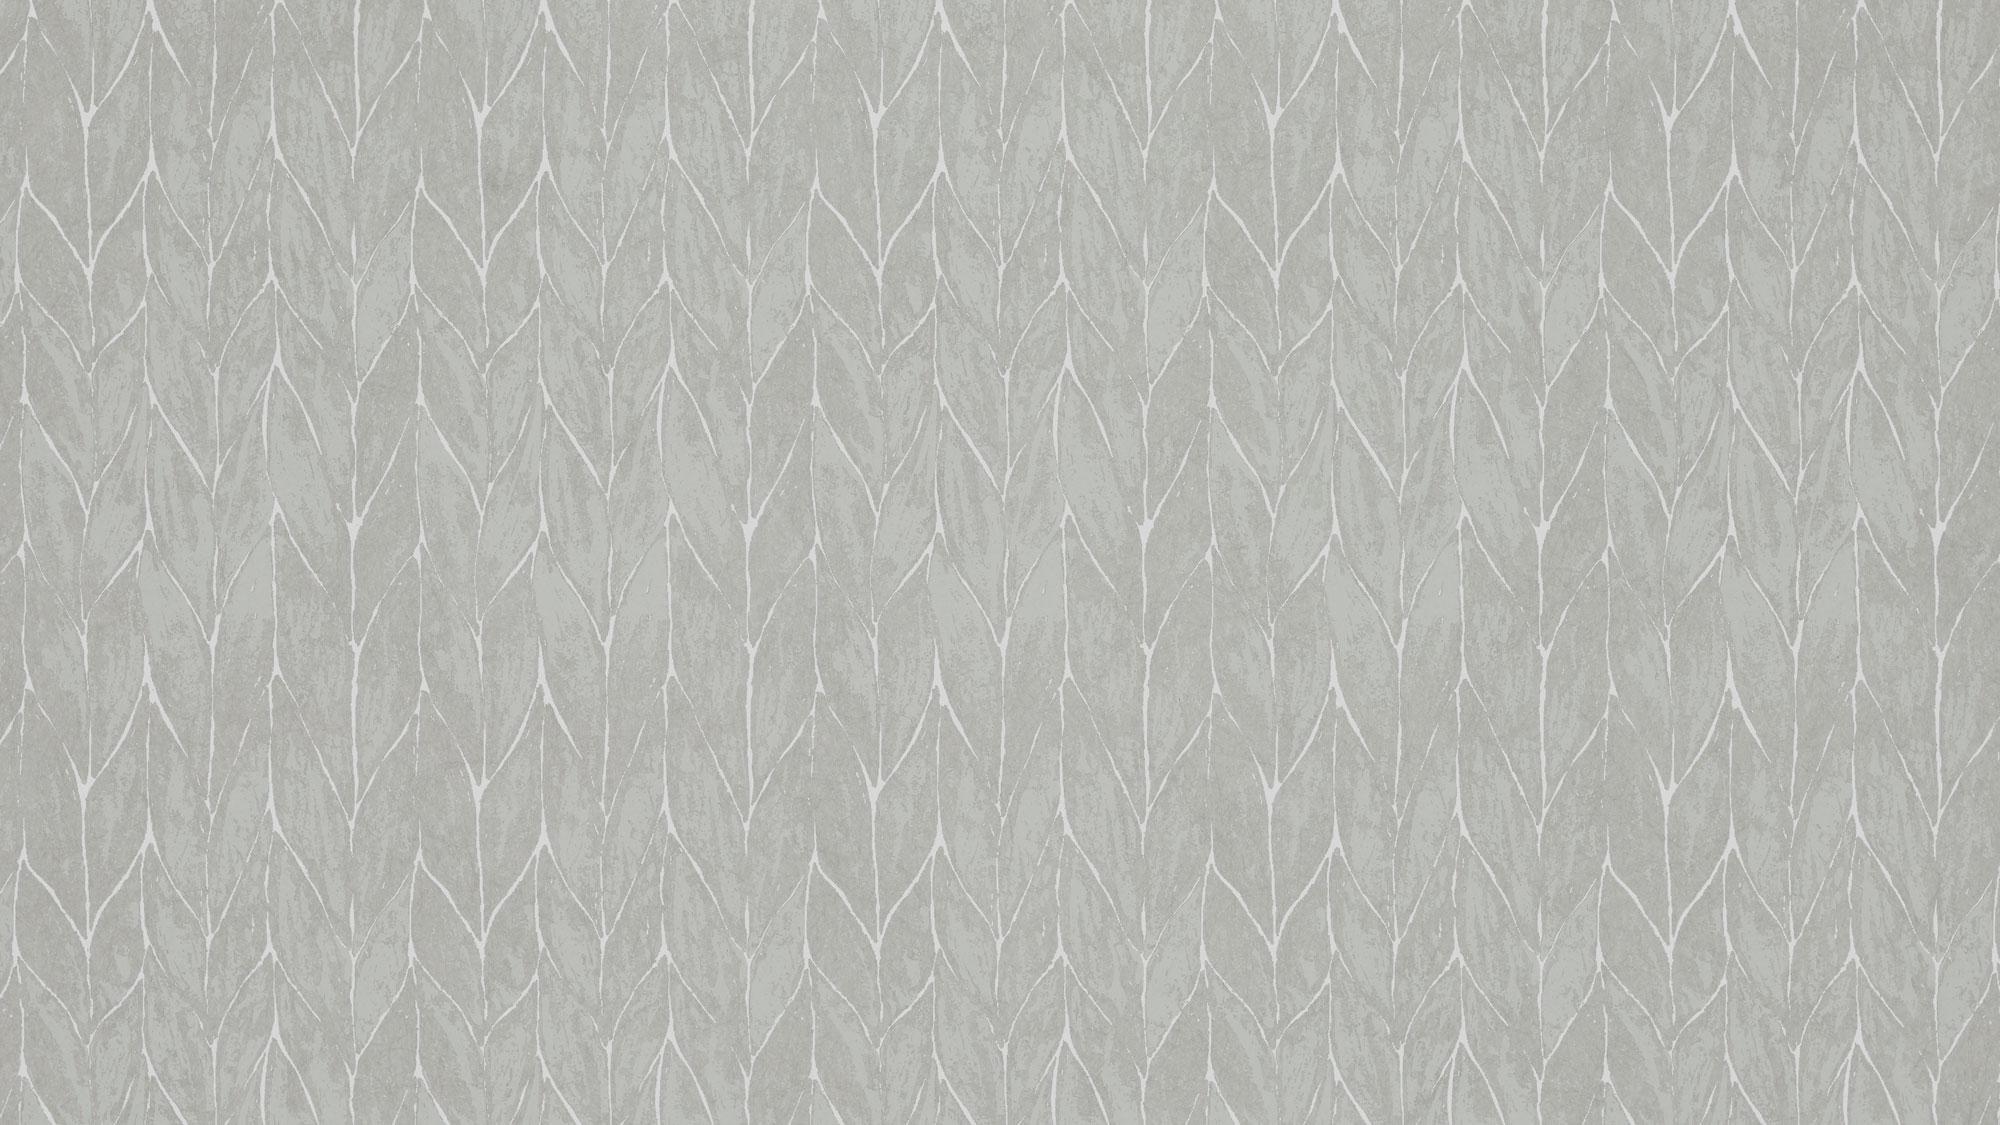 ClayMcLaurinStudio_Rope_Bisque_web.jpg